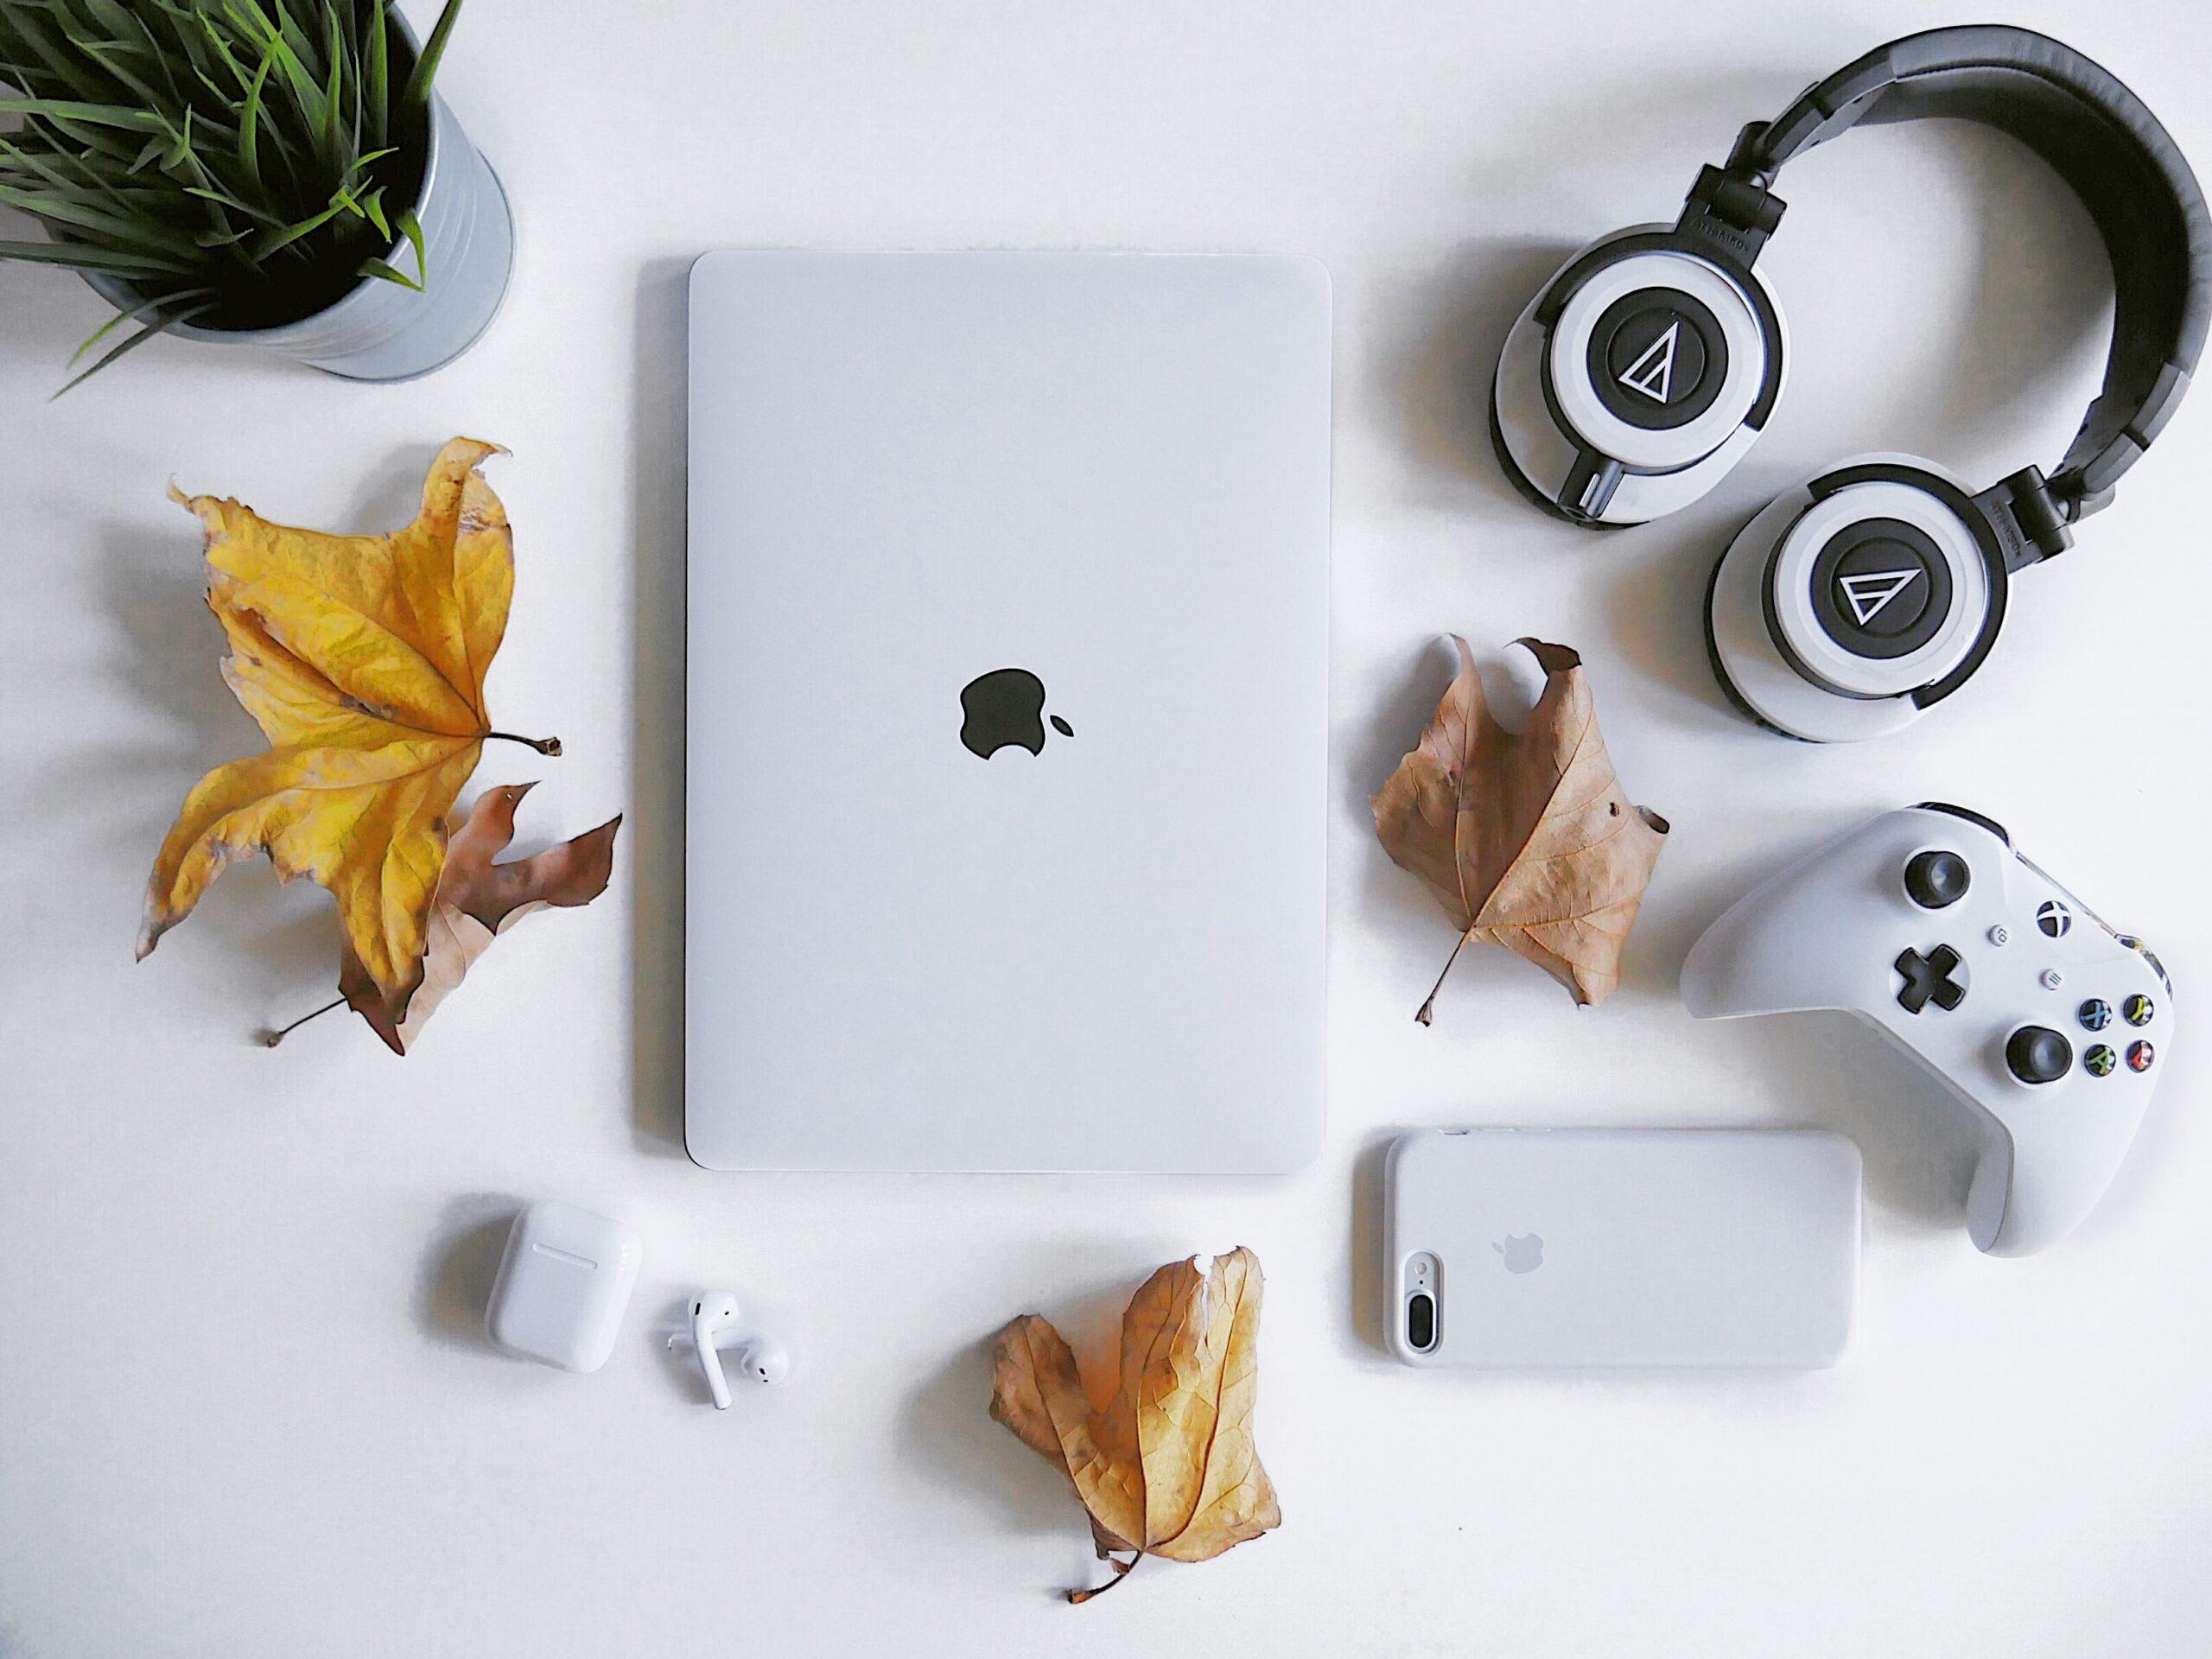 Apple připravuje vlastní herní ovladač. Chystá vpád do videoherního průmyslu?